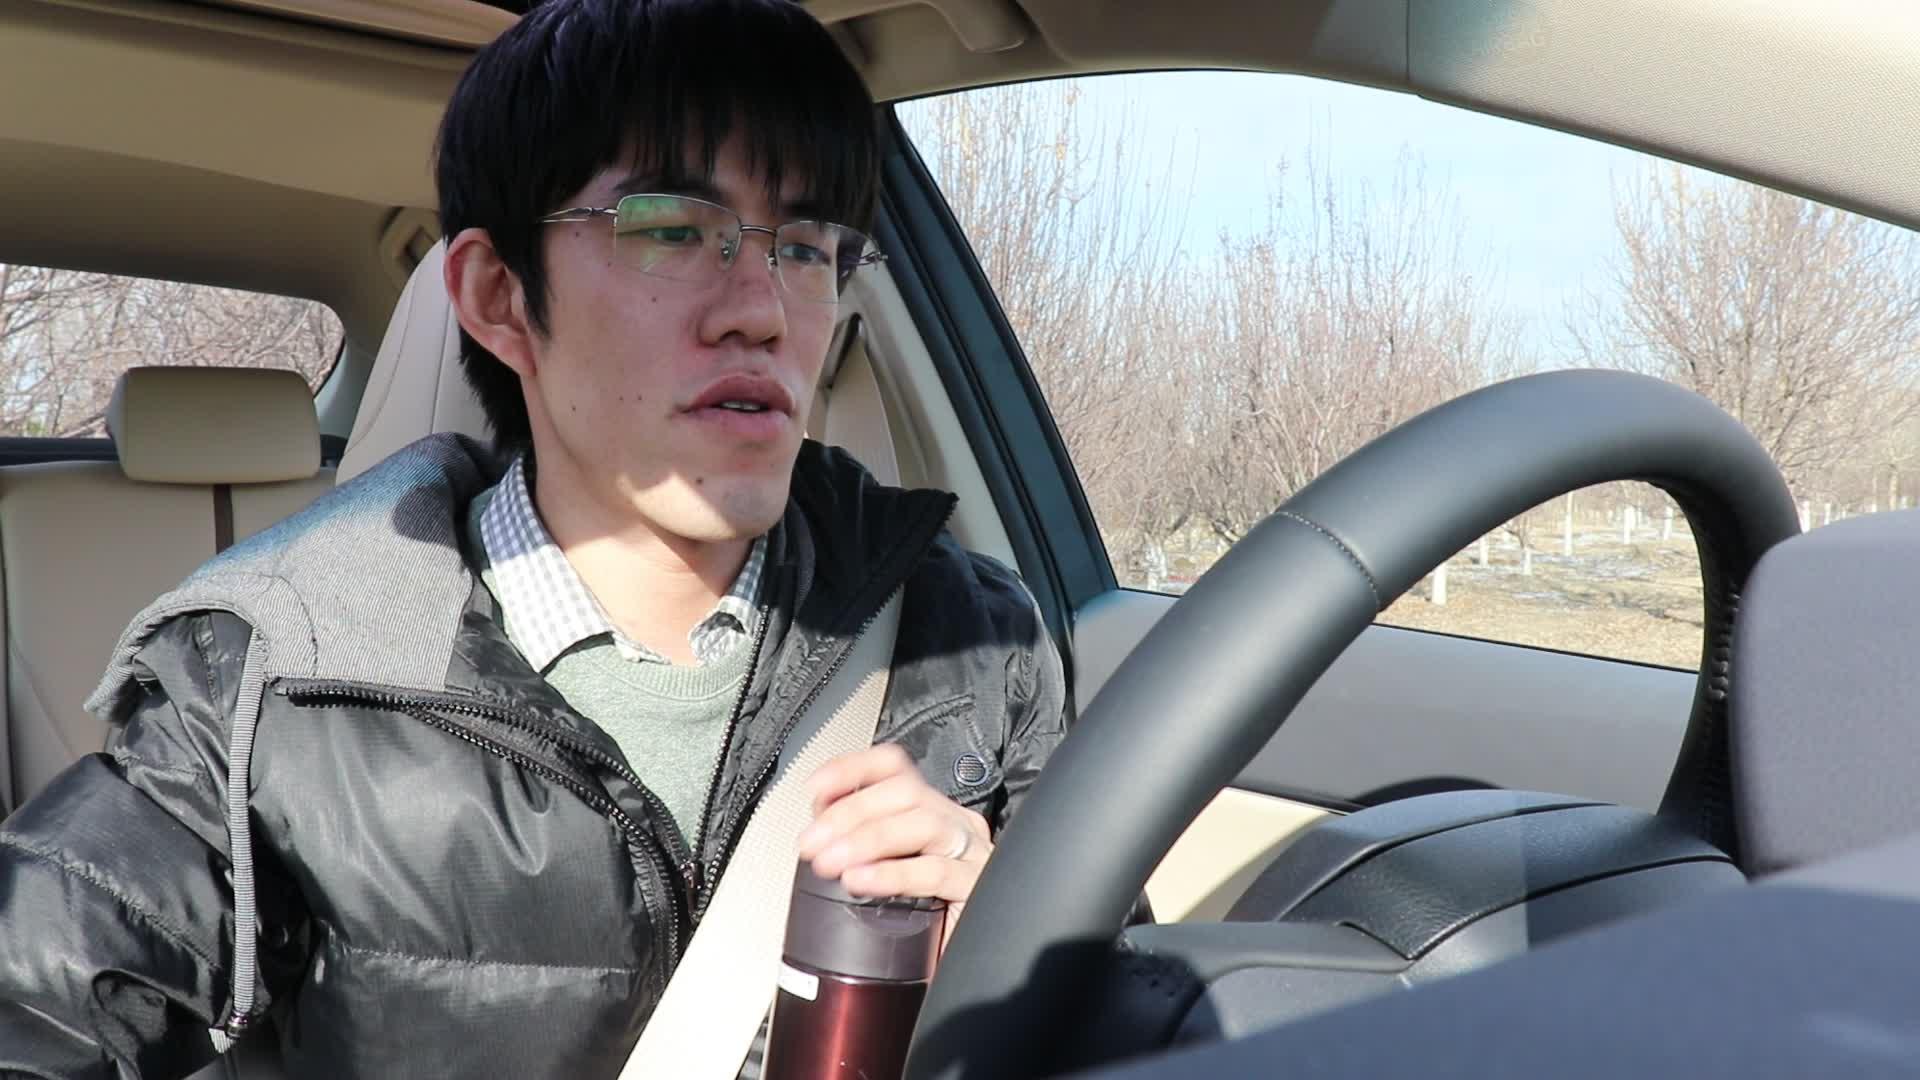 视频:试驾丰田凯美瑞有感,这款车不再是大叔们的座驾,也适合年轻人